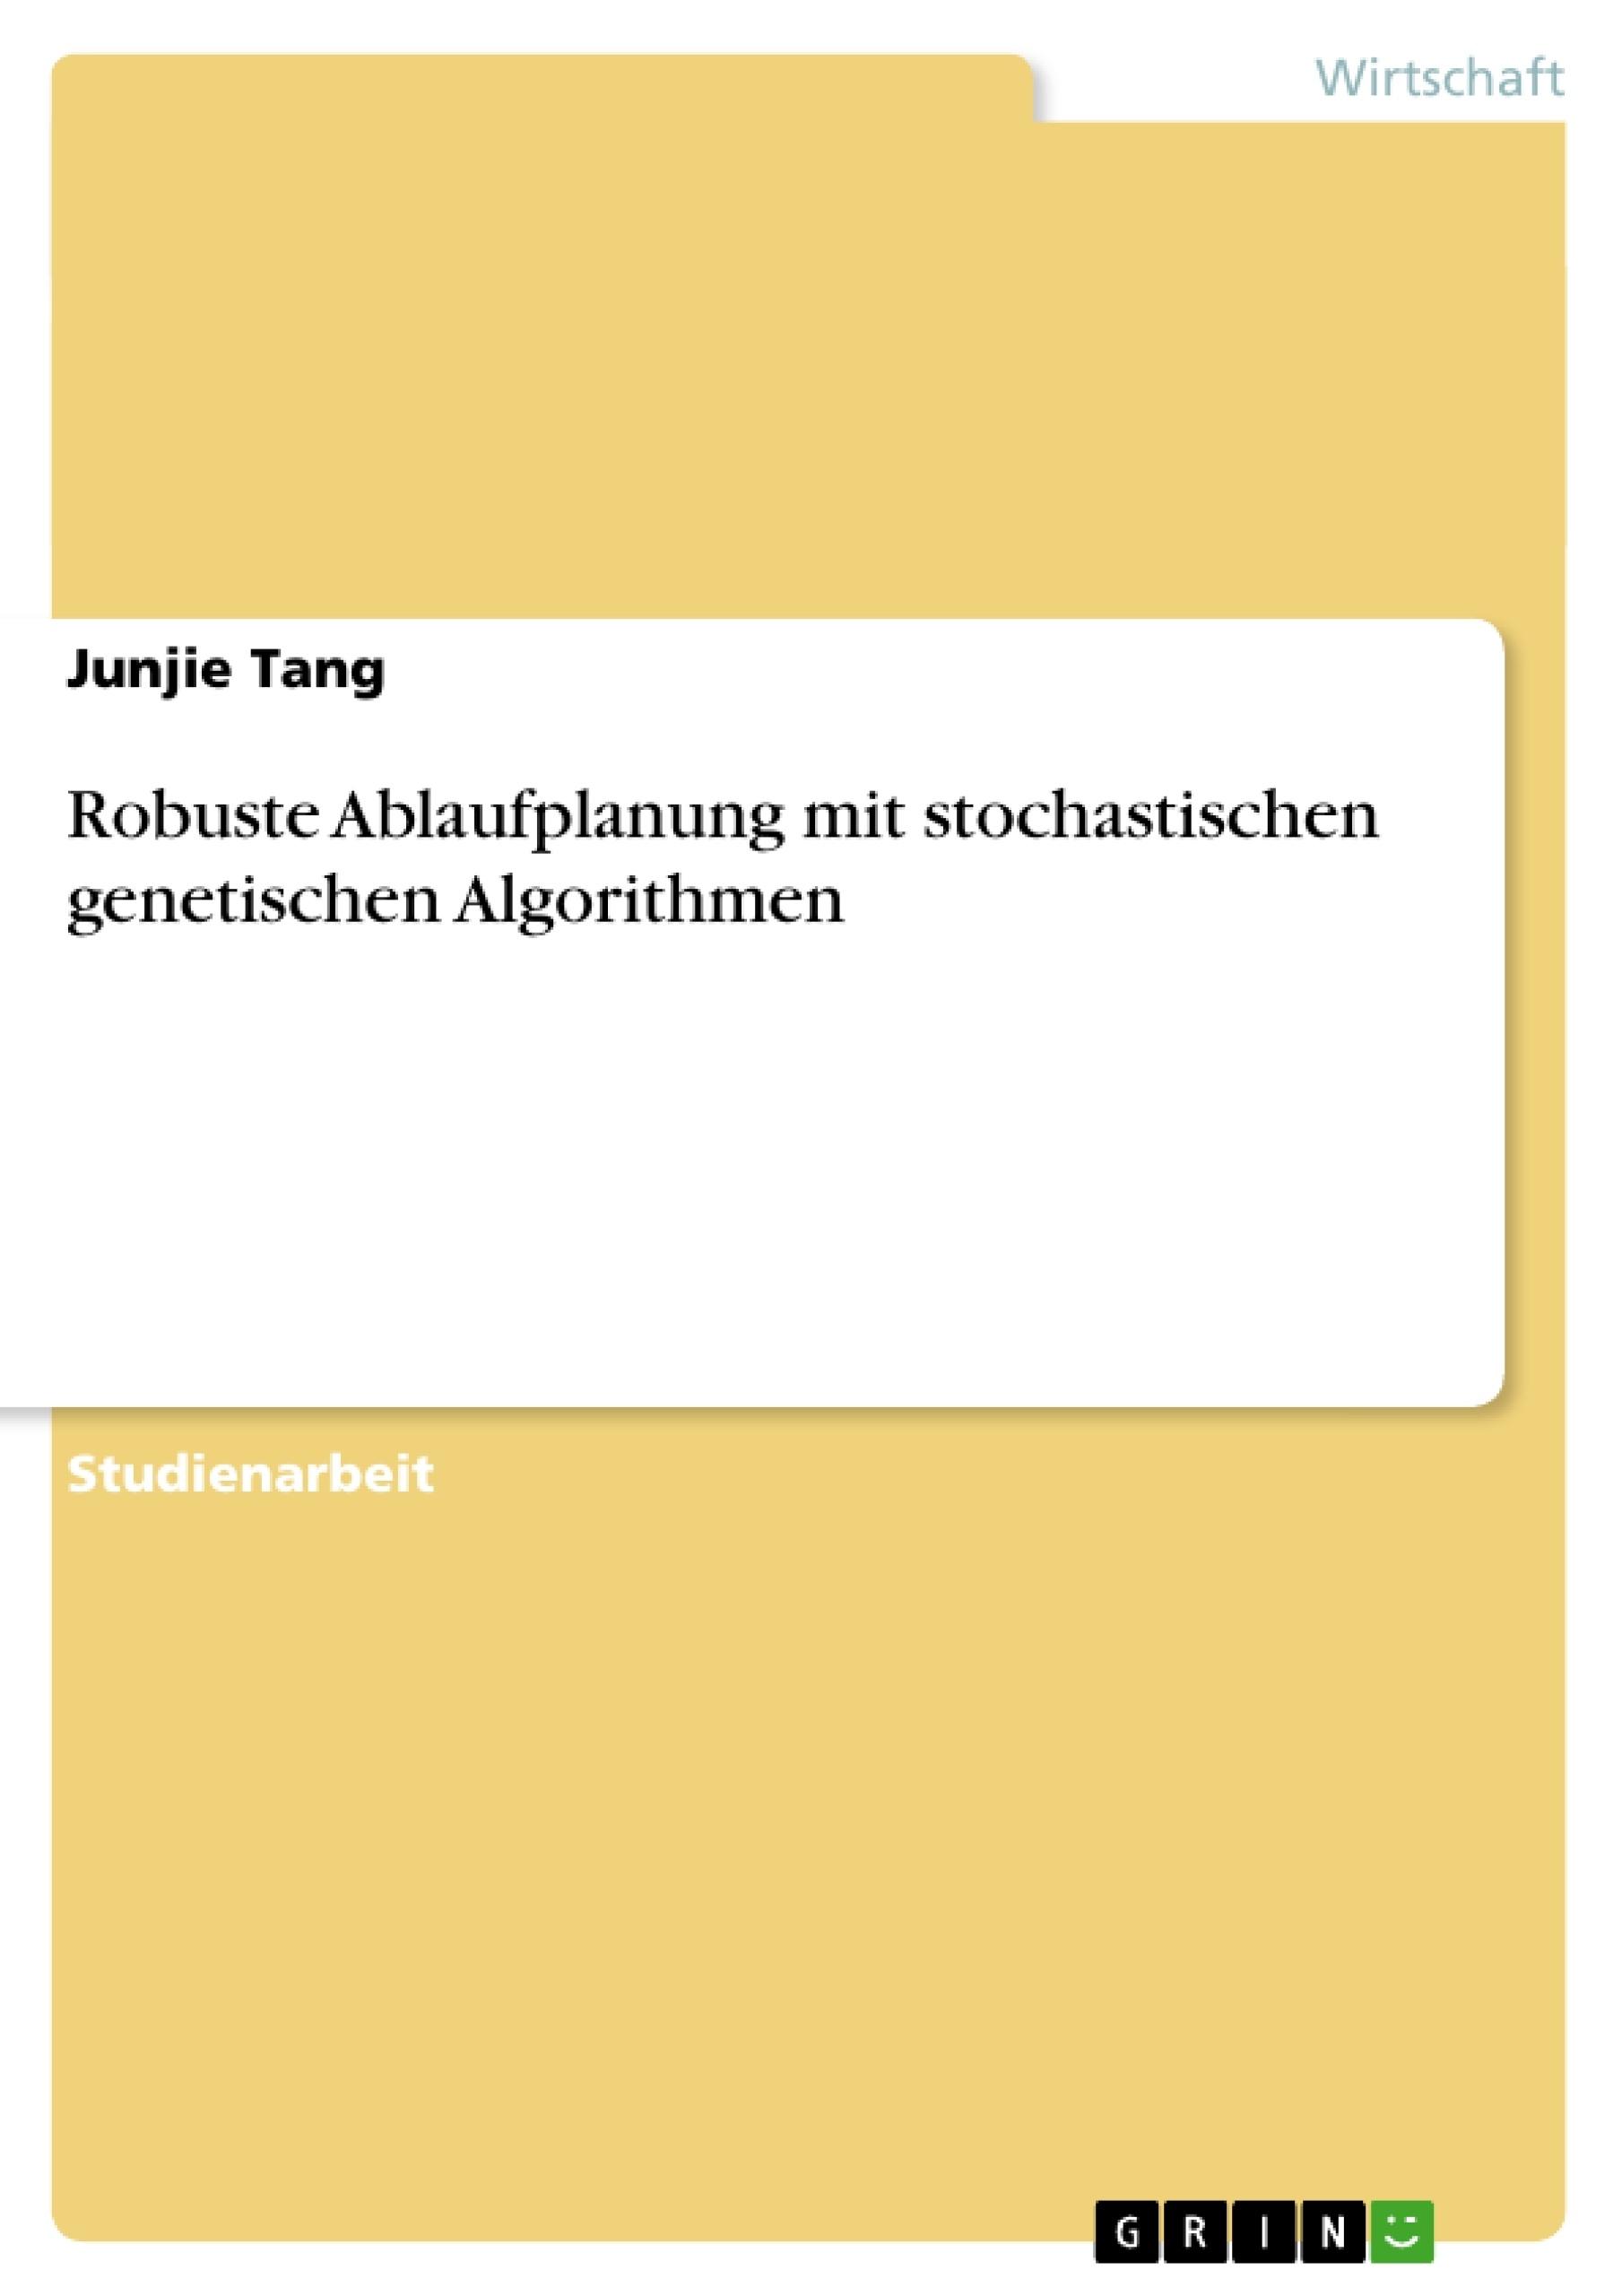 Titel: Robuste Ablaufplanung mit stochastischen genetischen Algorithmen